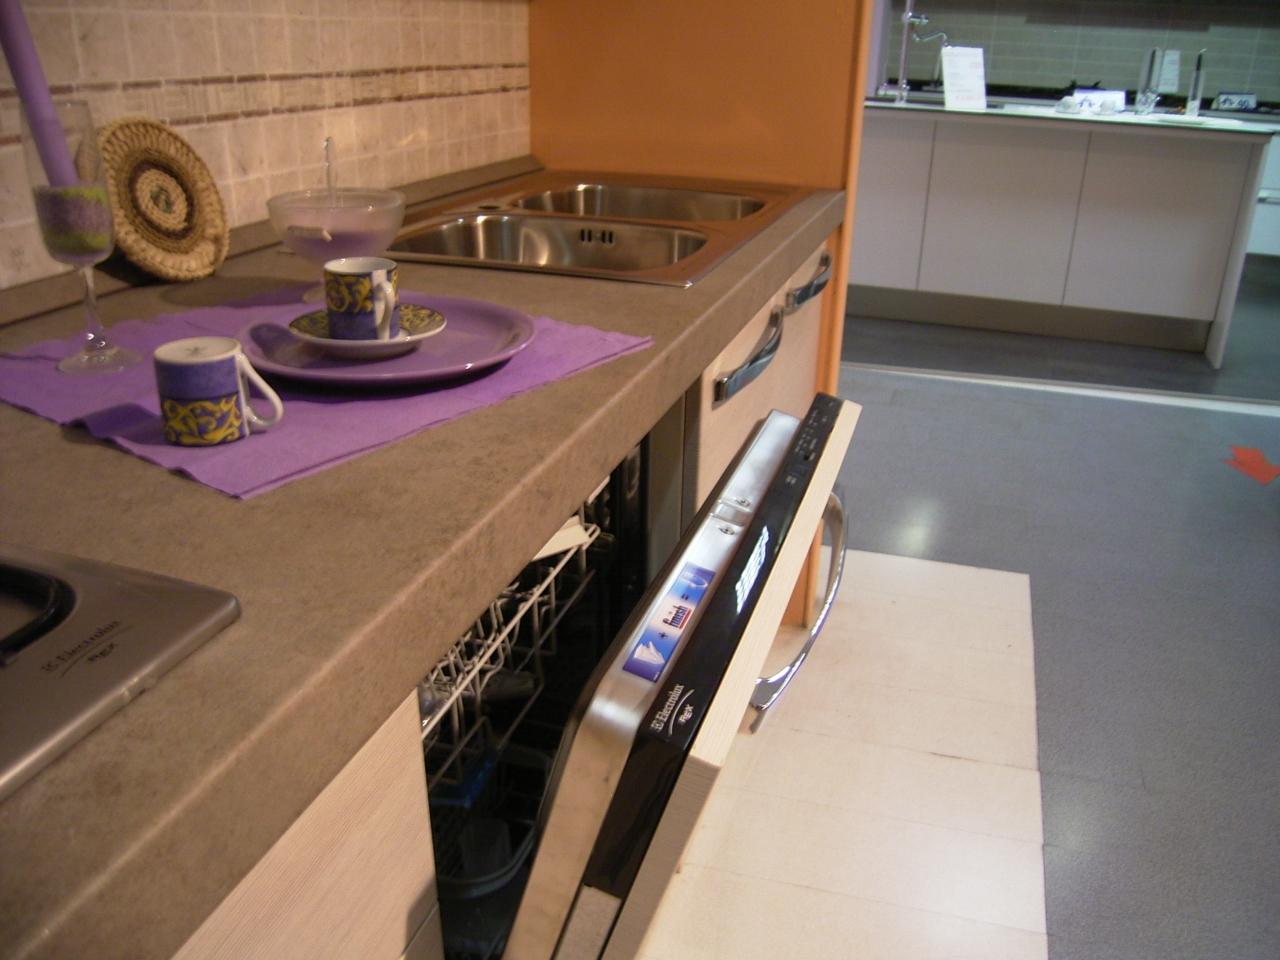 Cucina Scontata Mobilturi Cucine A Prezzi Scontati #945E37 1280 960 Cucina Etnica A Cuneo